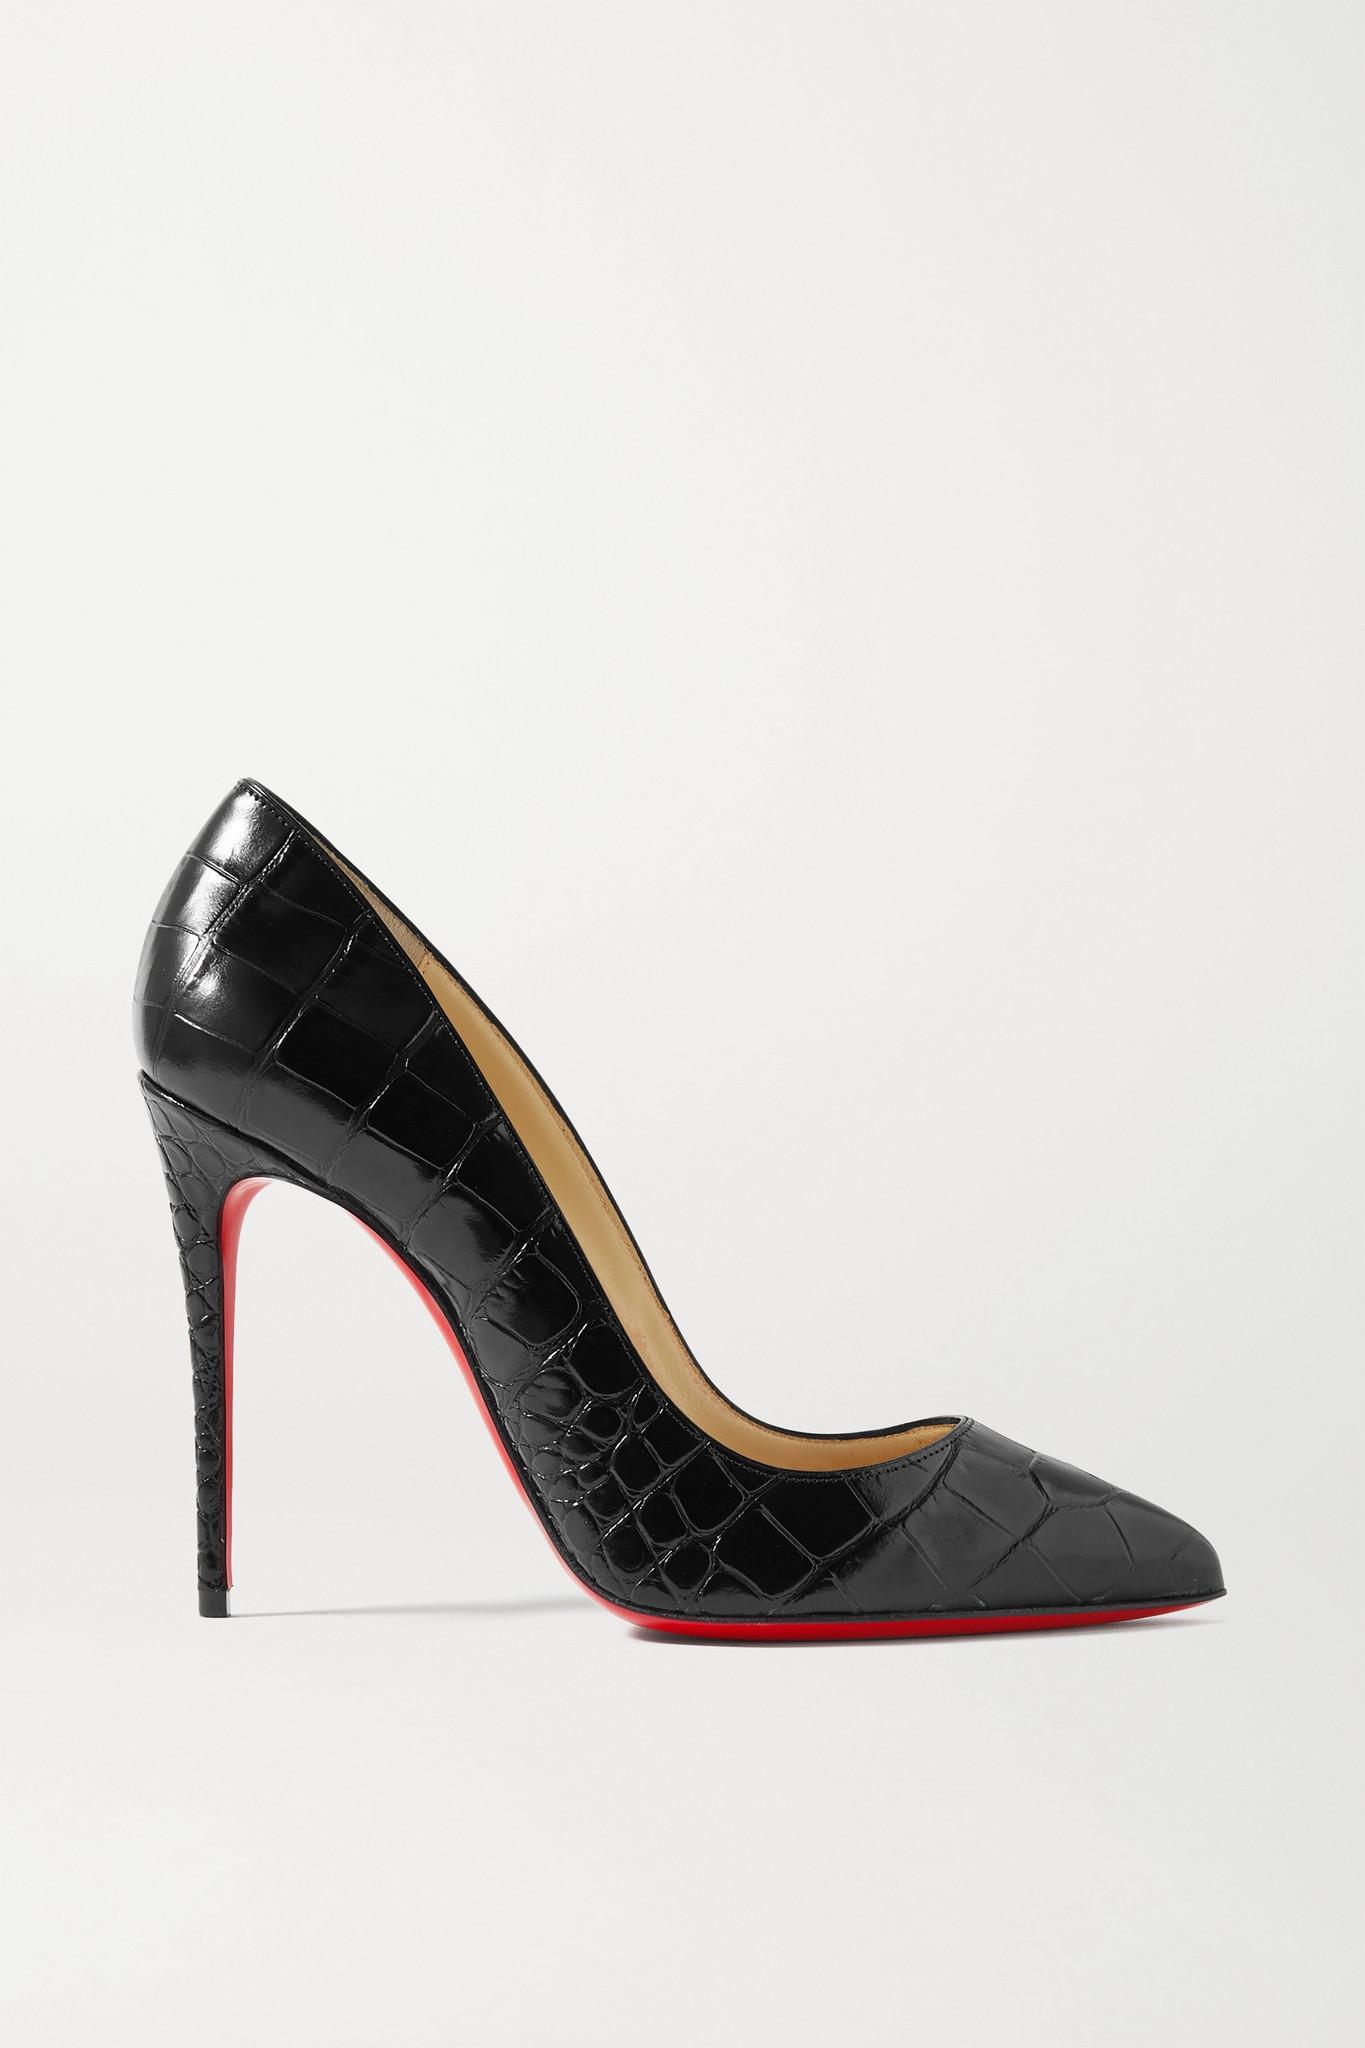 CHRISTIAN LOUBOUTIN - Pigalle Follies 100 Croc-effect Leather Pumps - Black - IT37